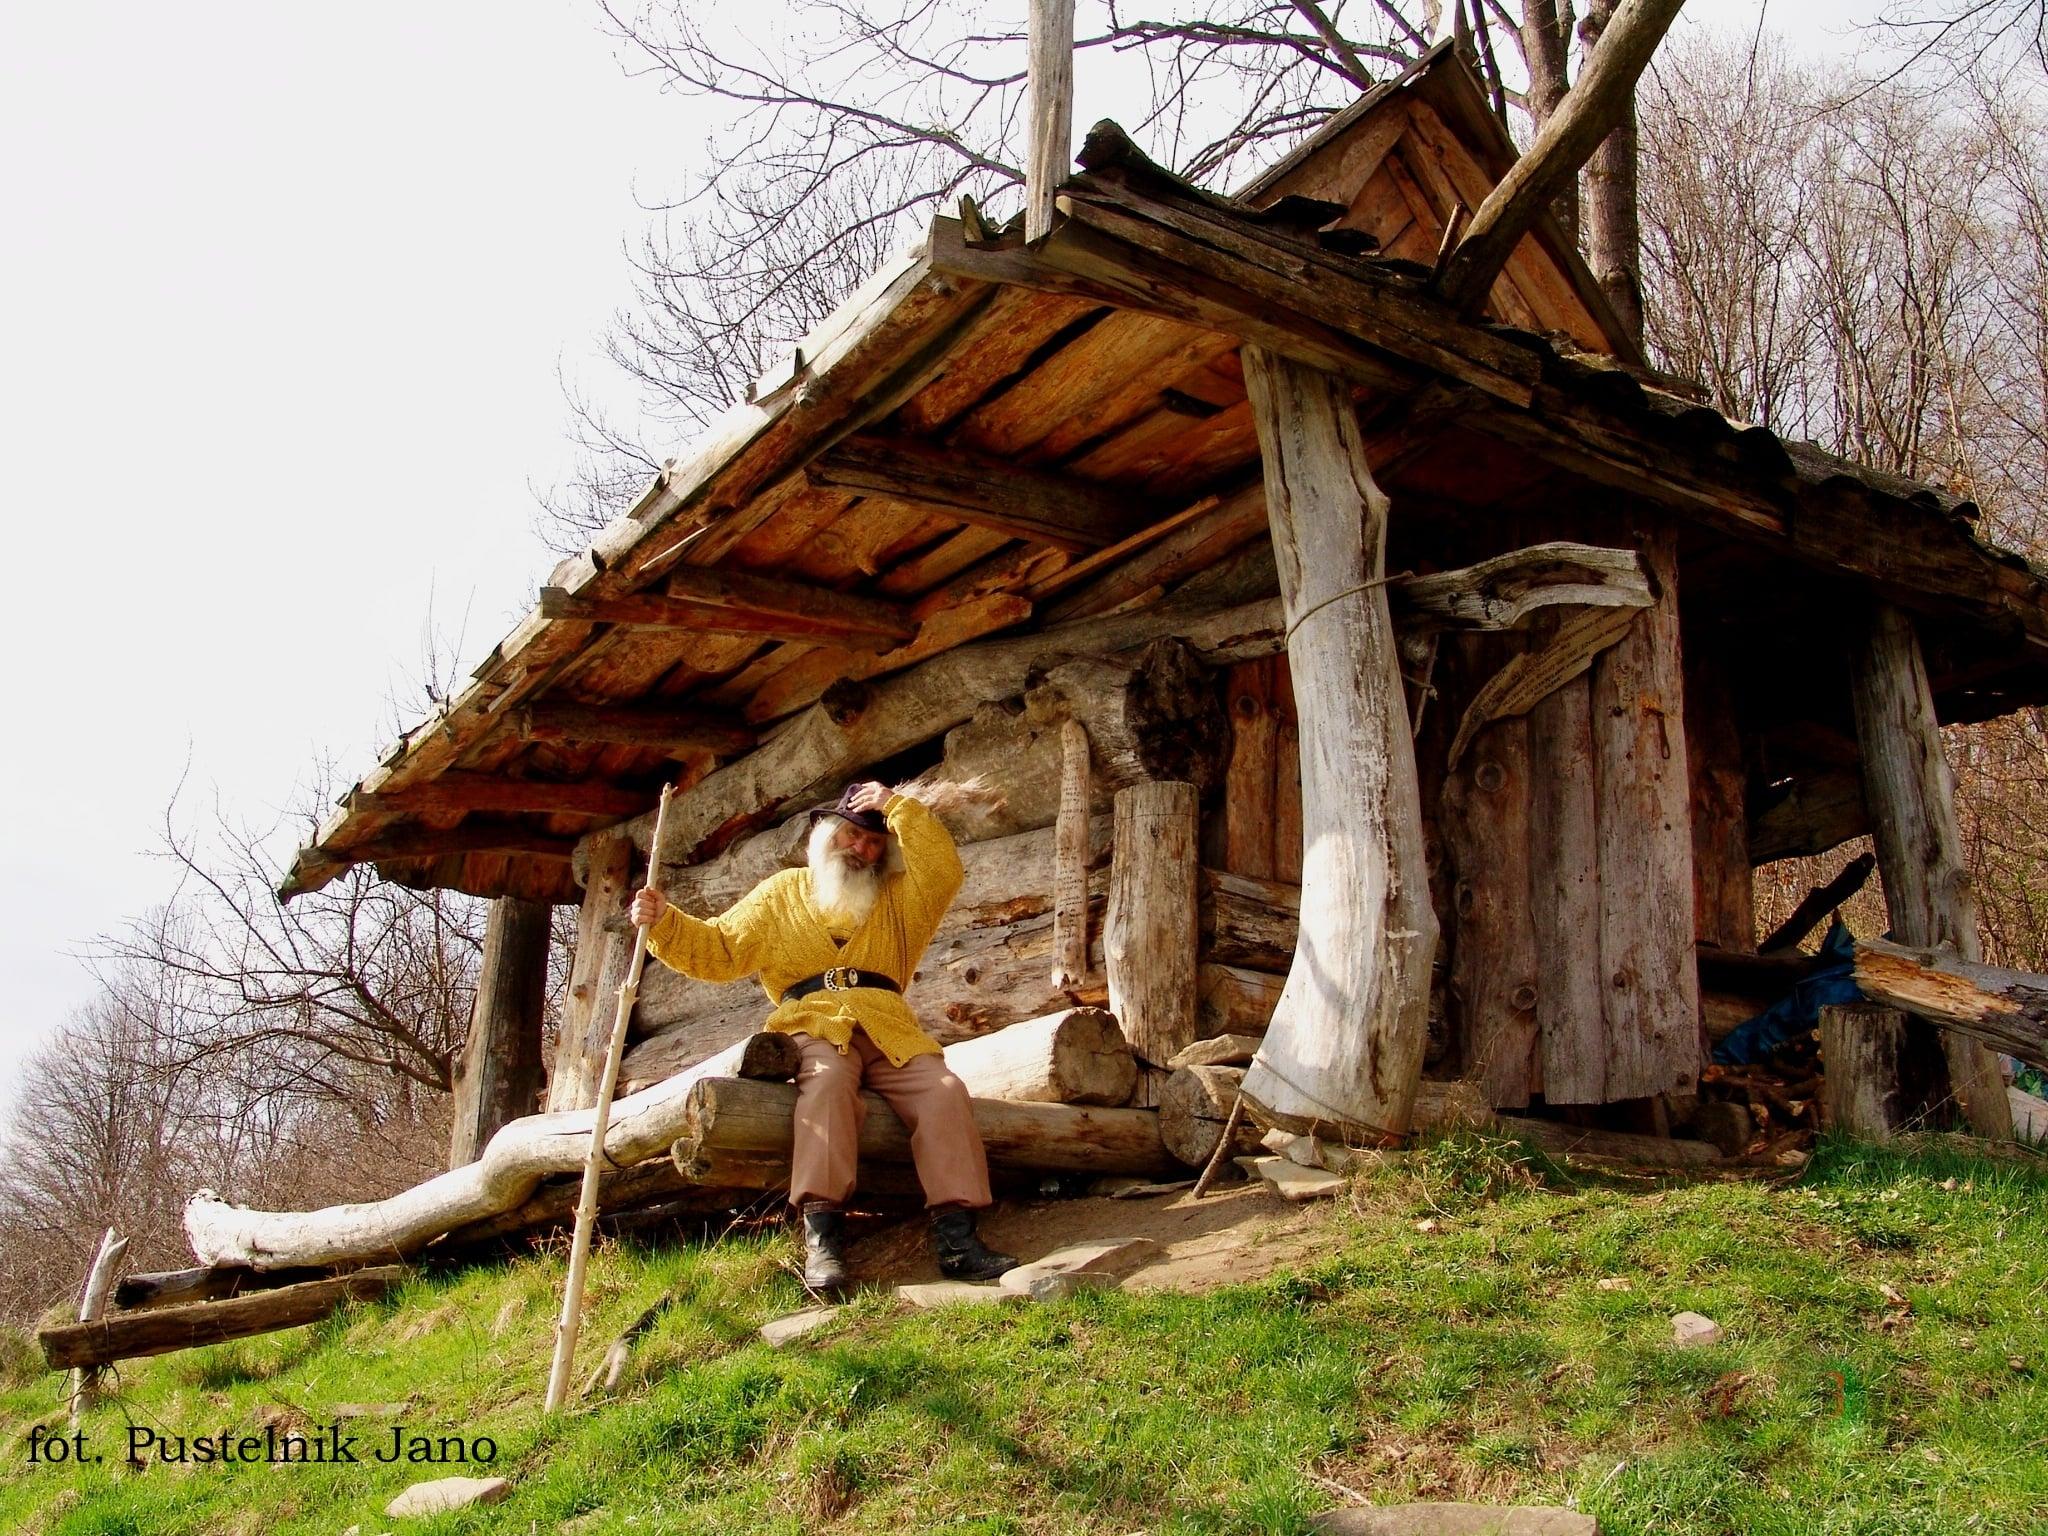 Julek Wasik przy swojej pustelni fot. Pustelnik Jano-